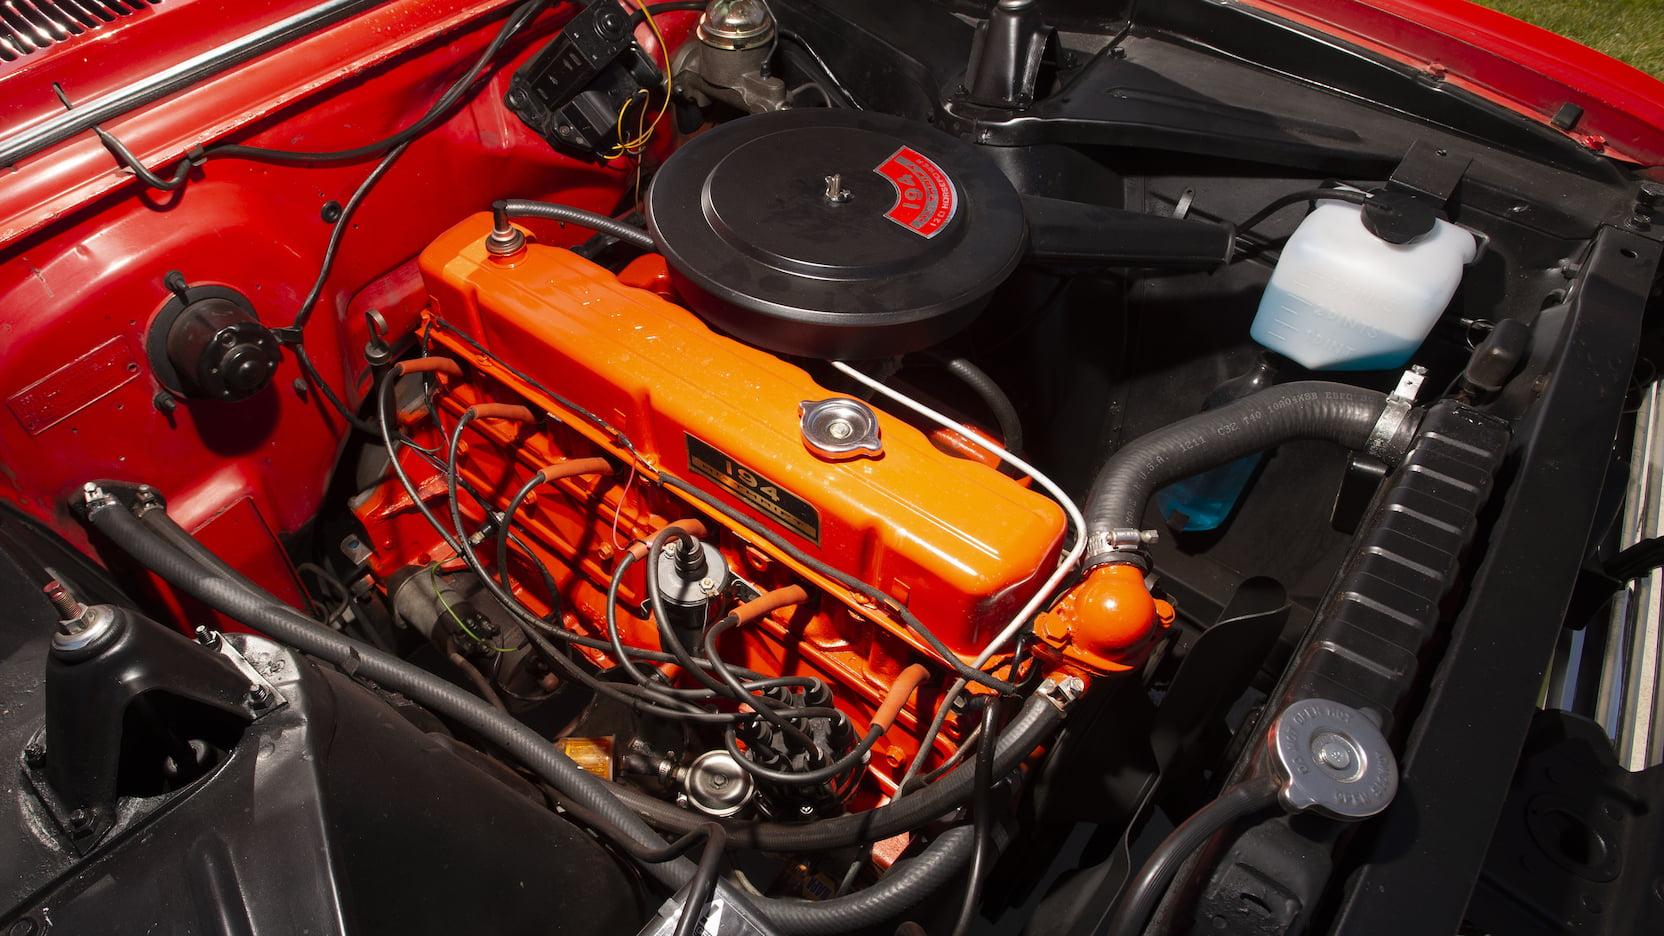 1962 Chevrolet Chevy II Nova 400 engine